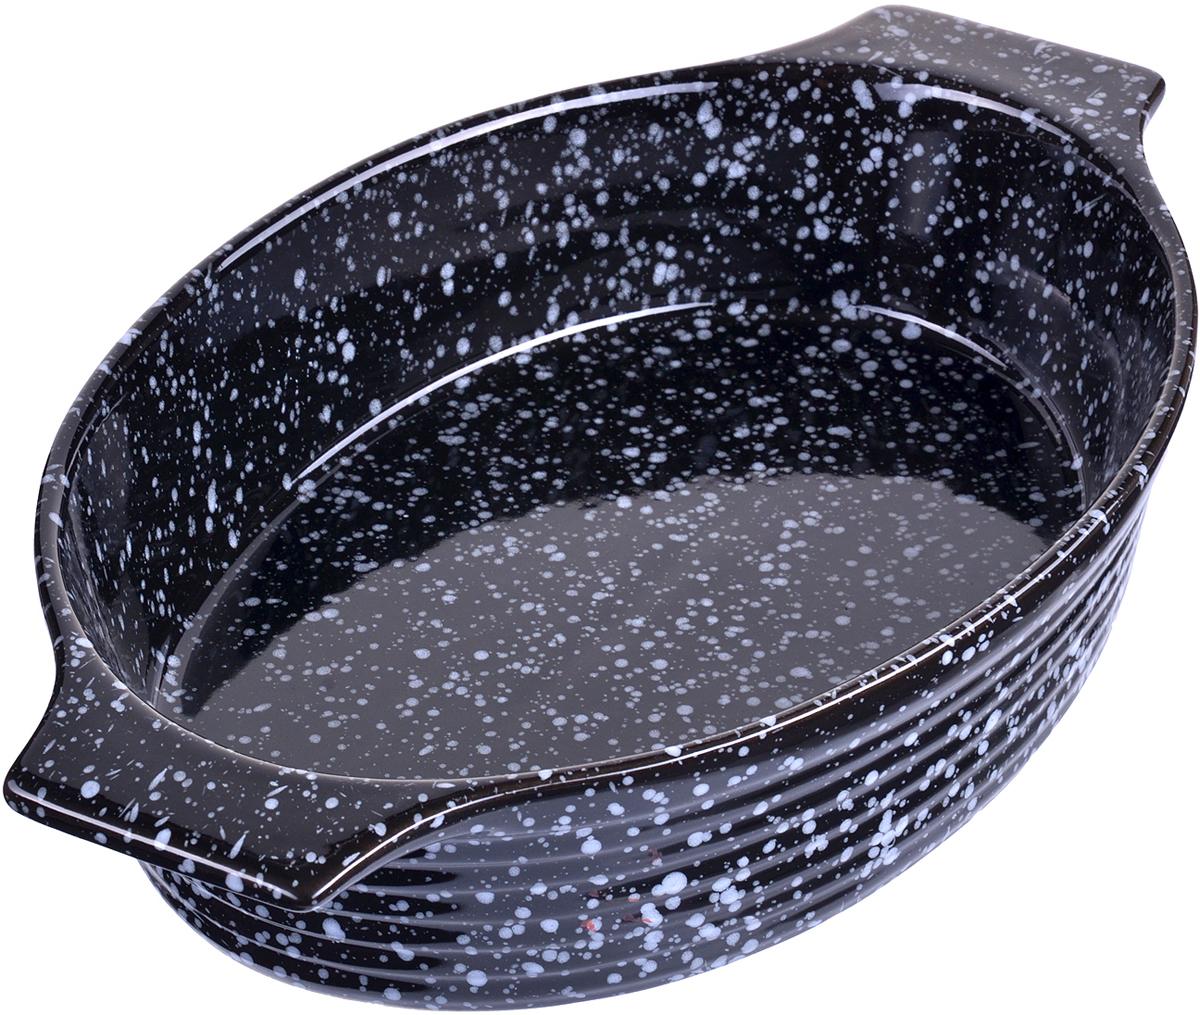 Противень LORAINE выполнен из качественной жаропрочной керамики. Изделие имеет прочные стенки и дно, однородные по толщине, благодаря чему нагрев происходит равномерно. Противень подходит для запекания и тушения разнообразных продуктов. Изделие не впитывает посторонние запахи, не имеет труднодоступных выступов или изгибов, которые накапливают грязь, и легко чистится. Жаропрочная керамика выдерживает температуру от -20°С до 400°С, поэтому такой противень можно использовать в духовке, микроволновой и конвекционной печи, а также для хранения пищи в холодильнике и морозильной камере. Не подходит для использования на открытом огне. Подходит для мытья в посудомоечной машине.